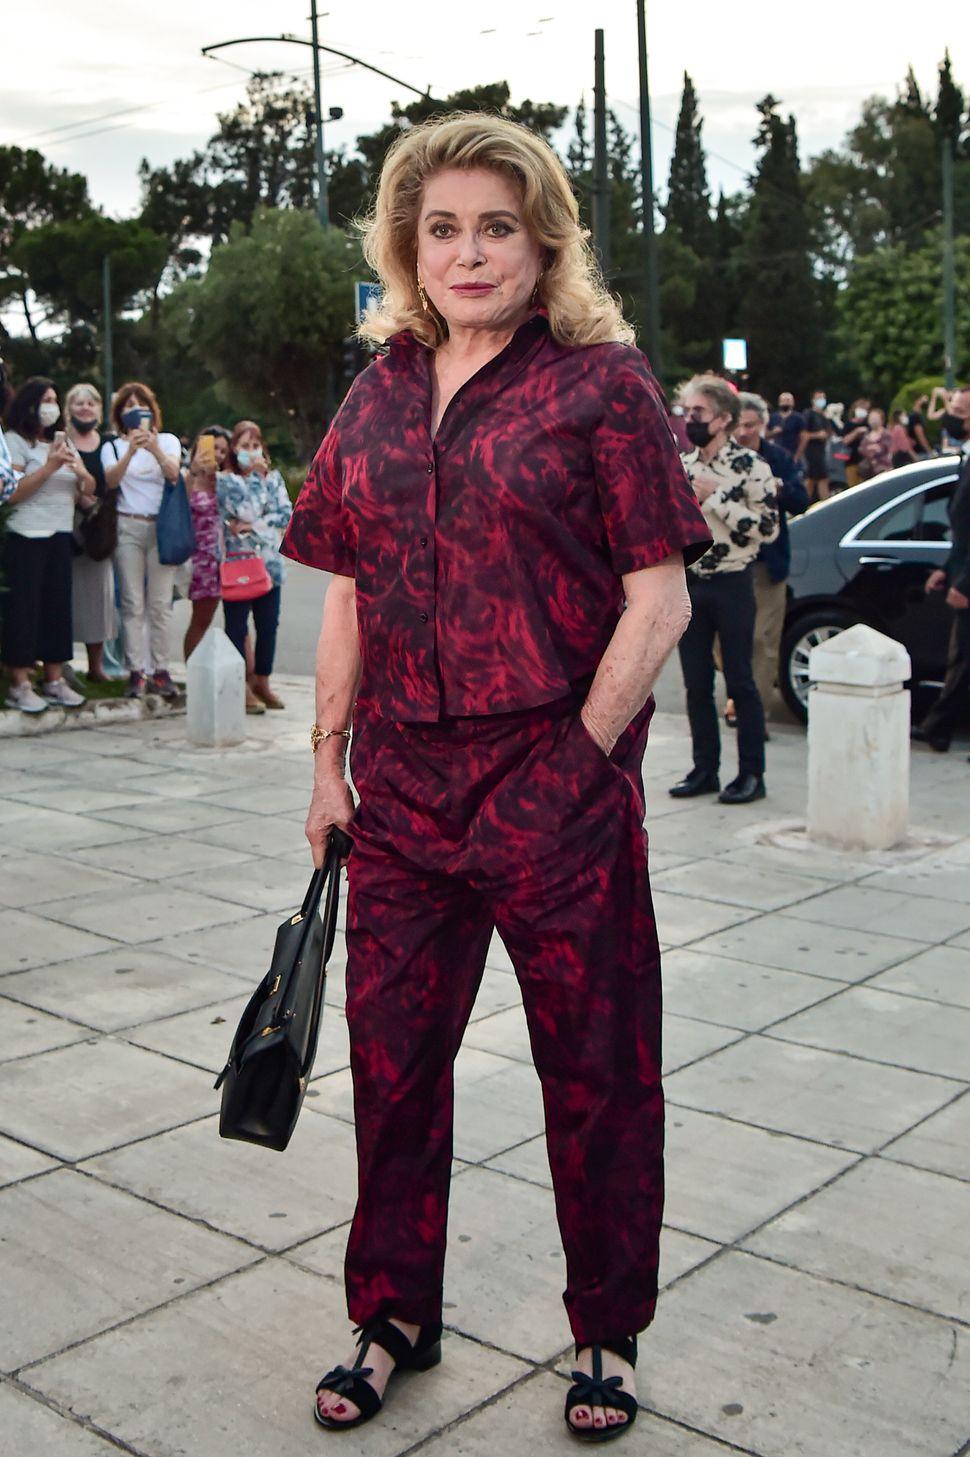 Η ηθοποιός Κατρίν Ντενέβ.